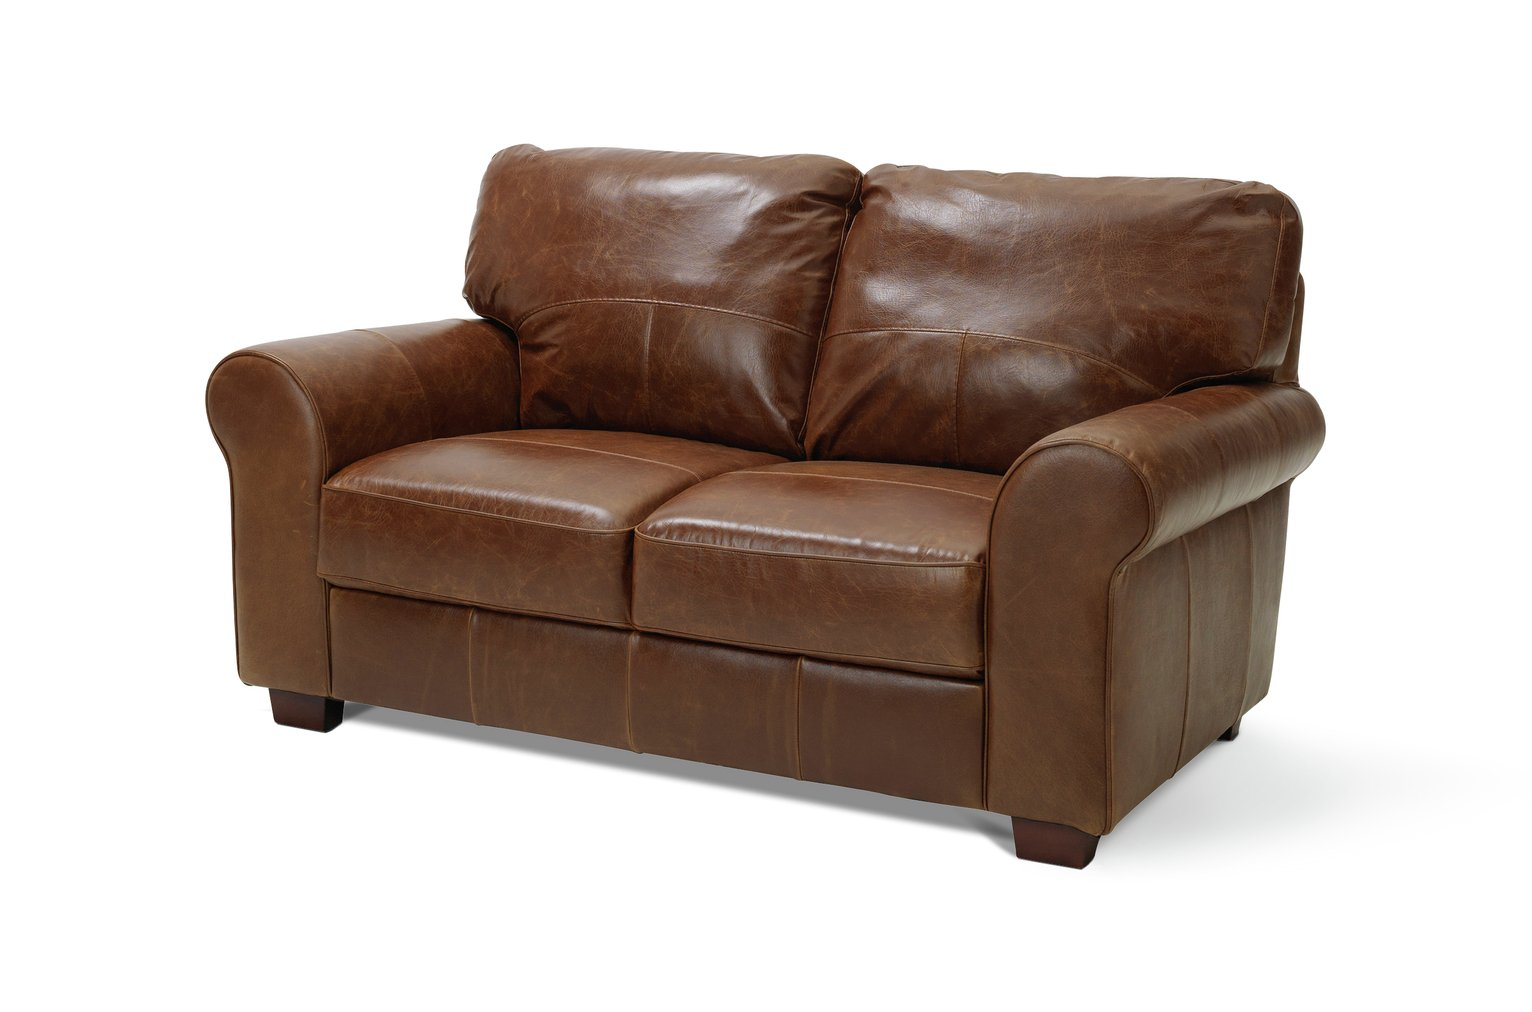 Argos Sofas Leather Brokeasshome Com